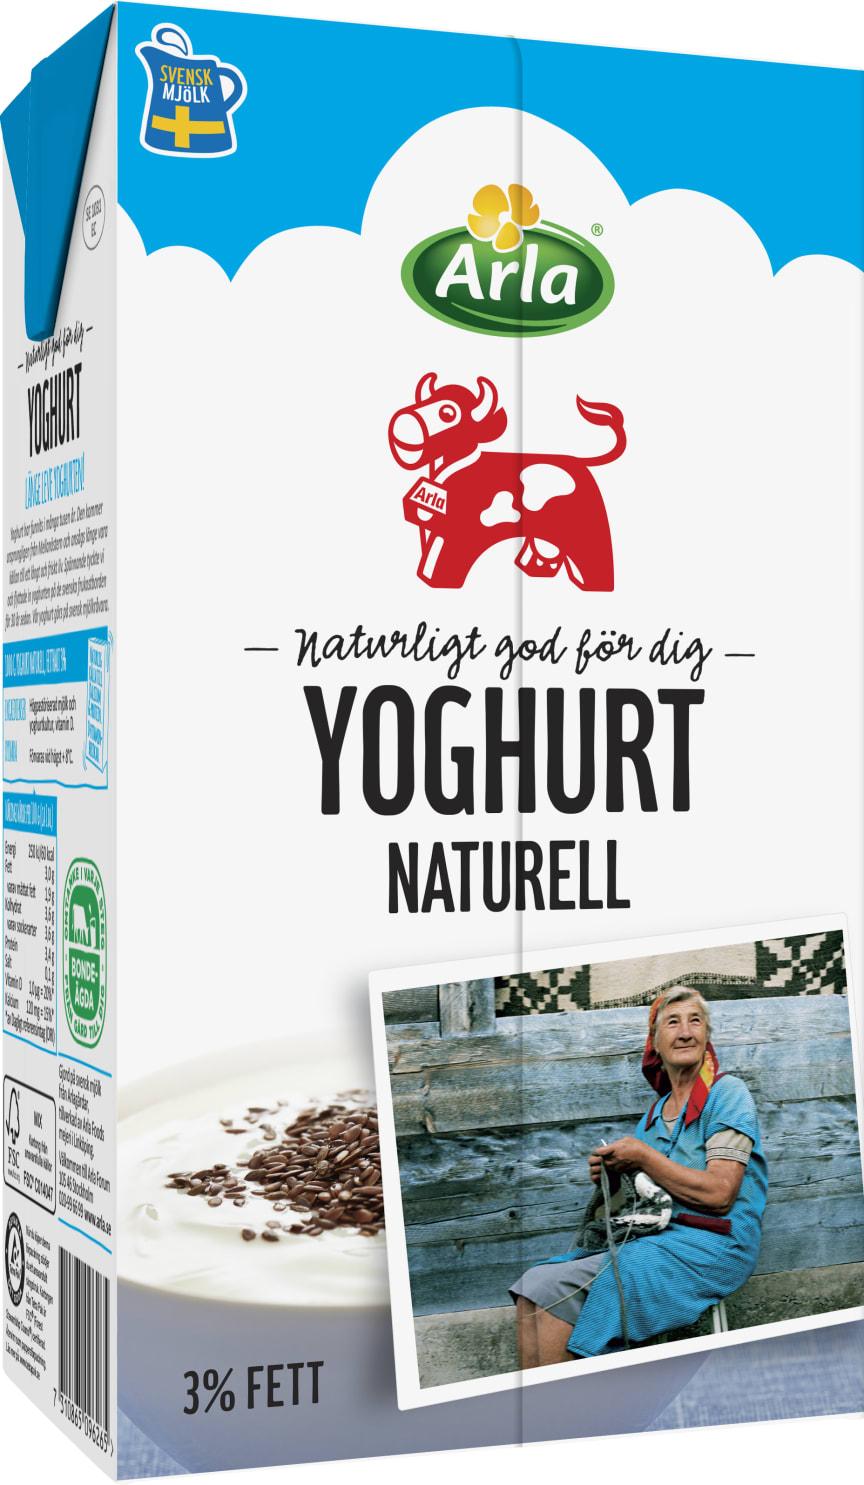 Arla Ko Yoghurt naturell högupplöst